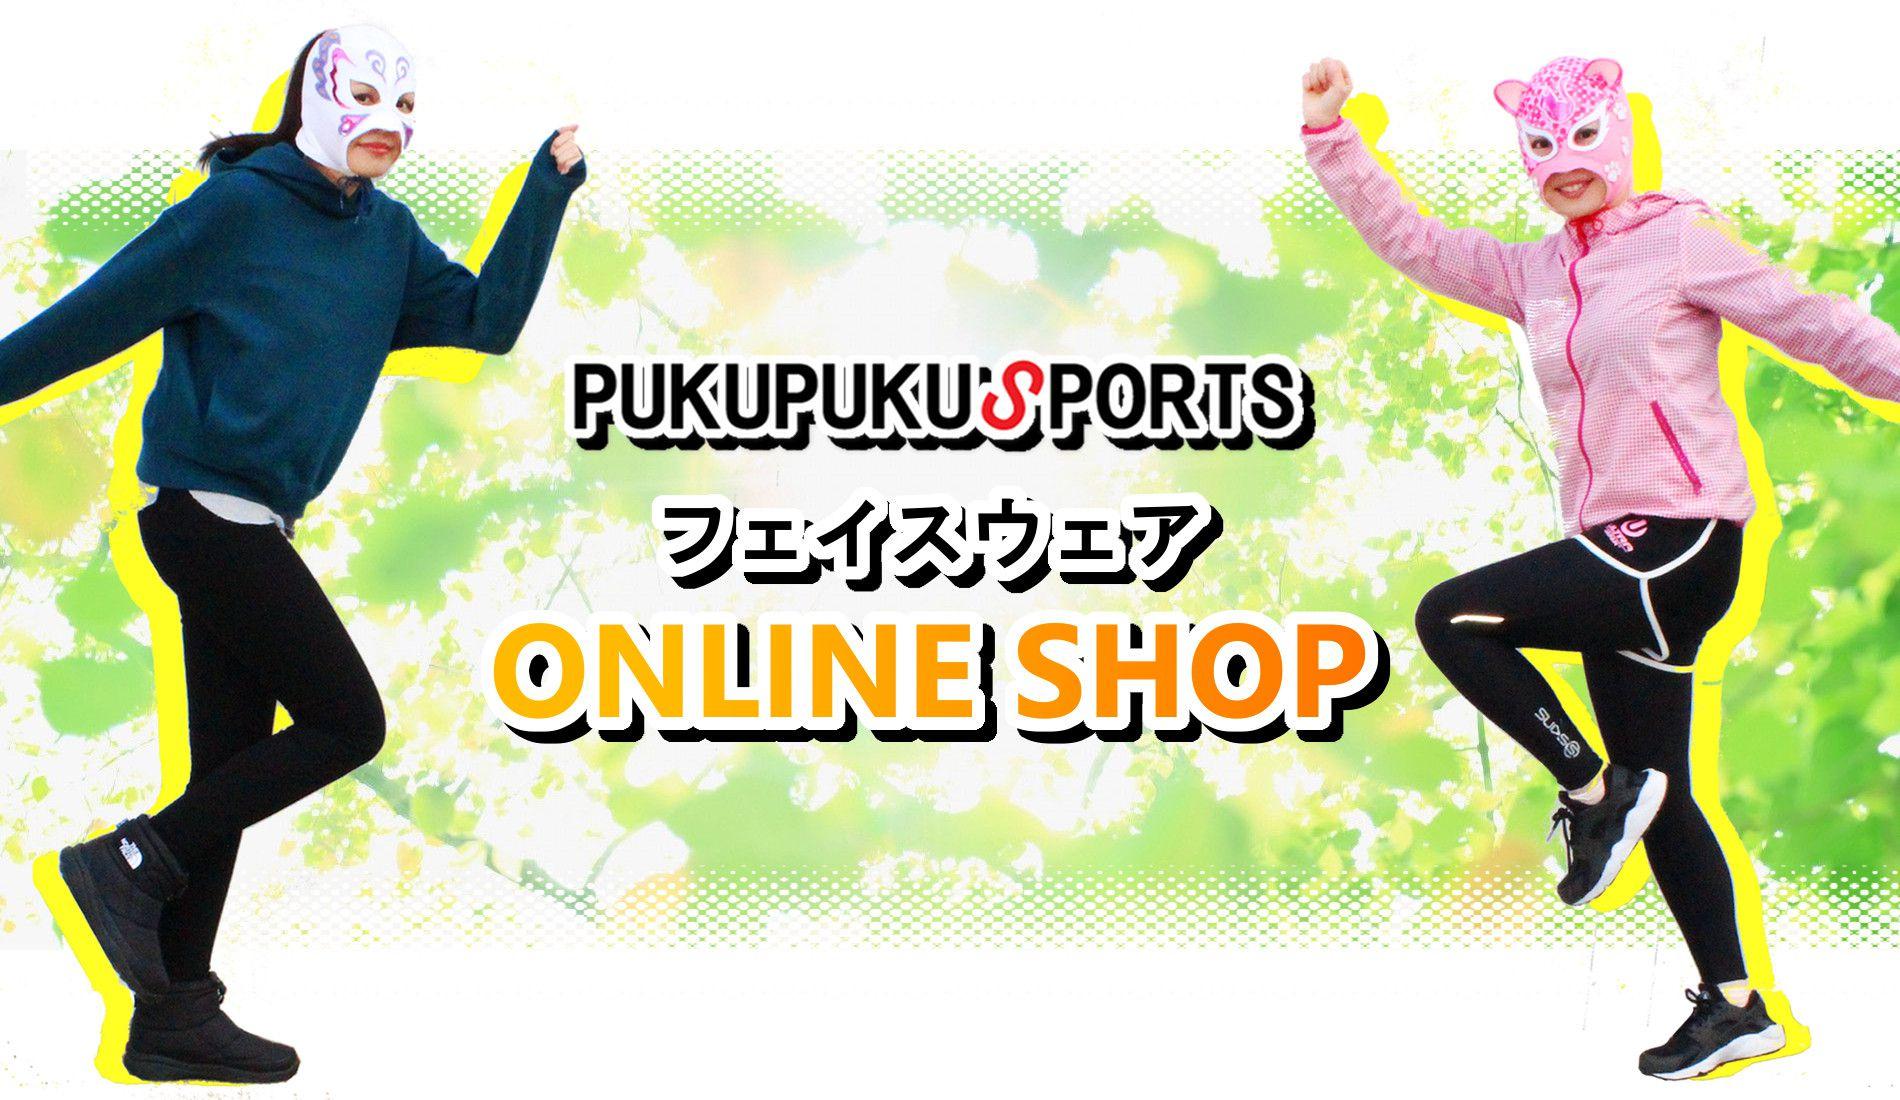 PUKUPUKU SPORTS ONLINE SHOP プクプクスポーツ オンラインショップ